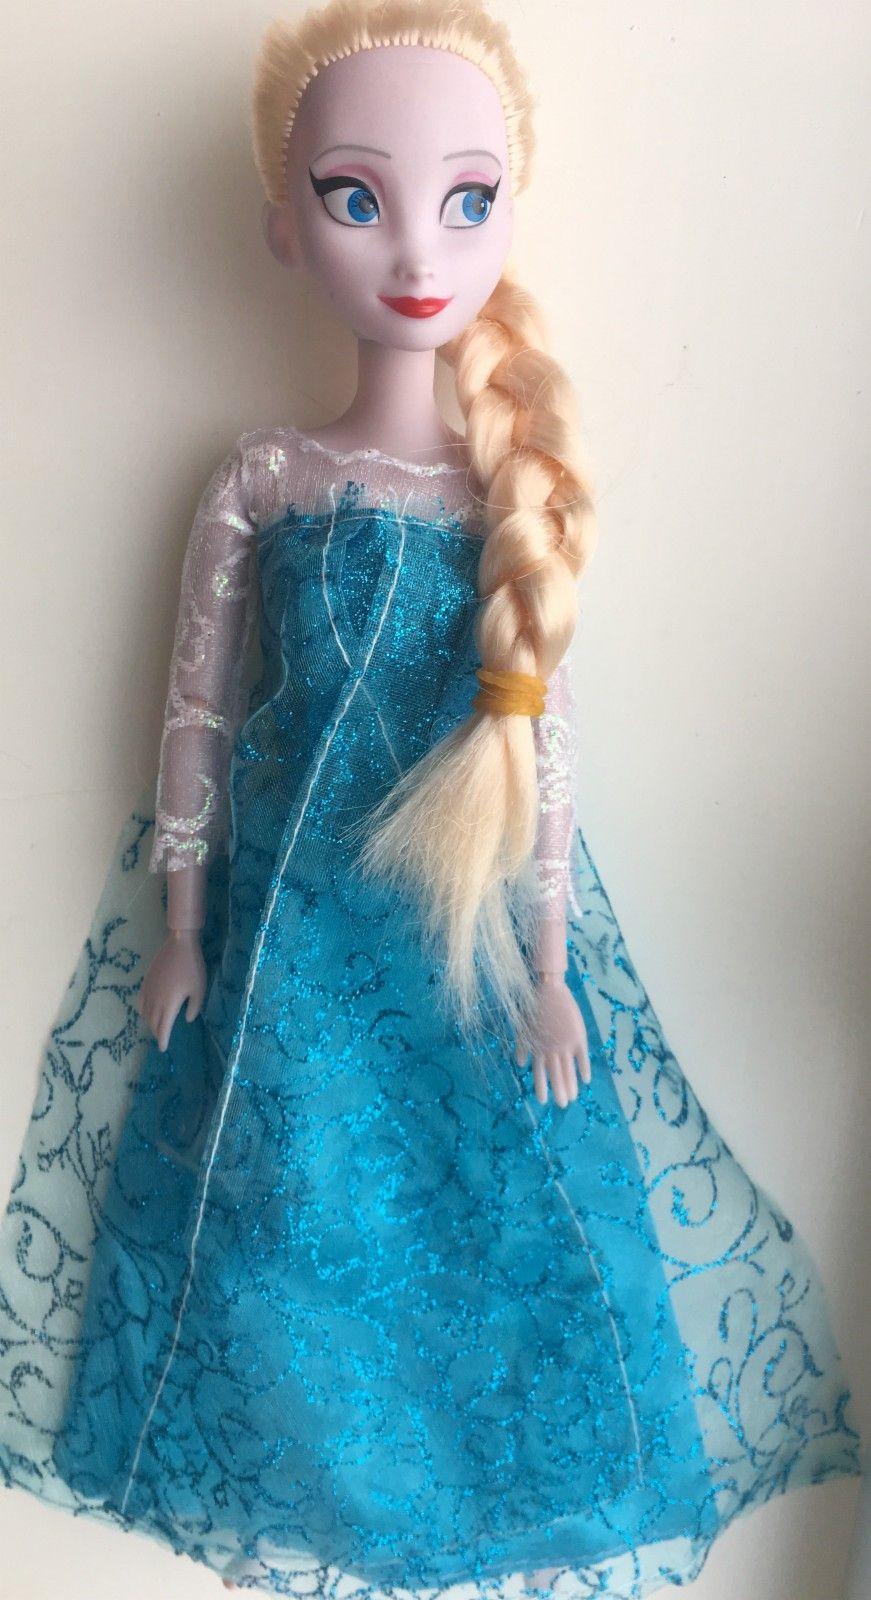 Disney Elsa-dukke - Arendal  - Disney Elsa-dukke, knapt brukt. - Arendal